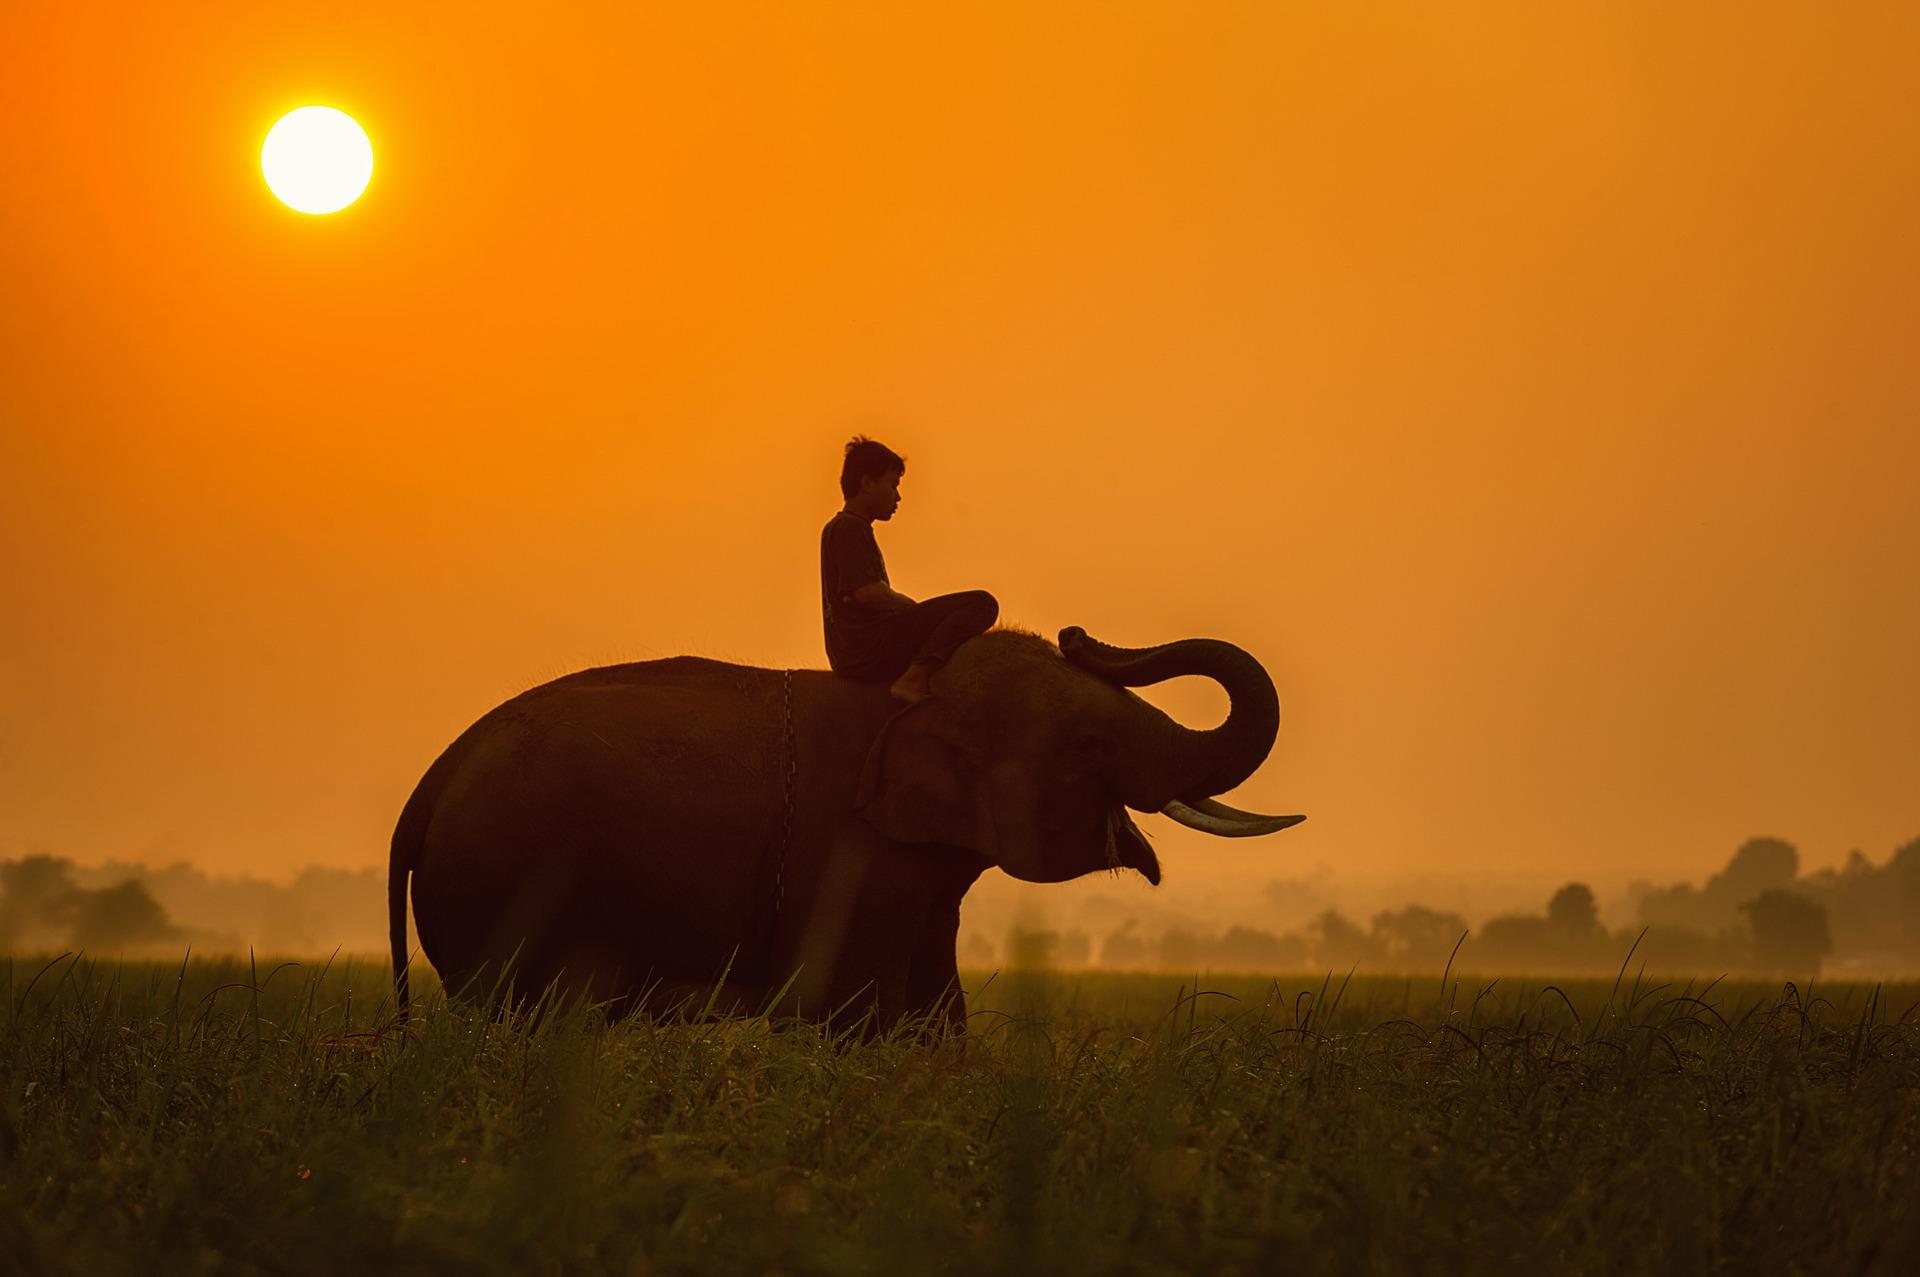 ロープに繋がれた象はなぜ逃げないのか?